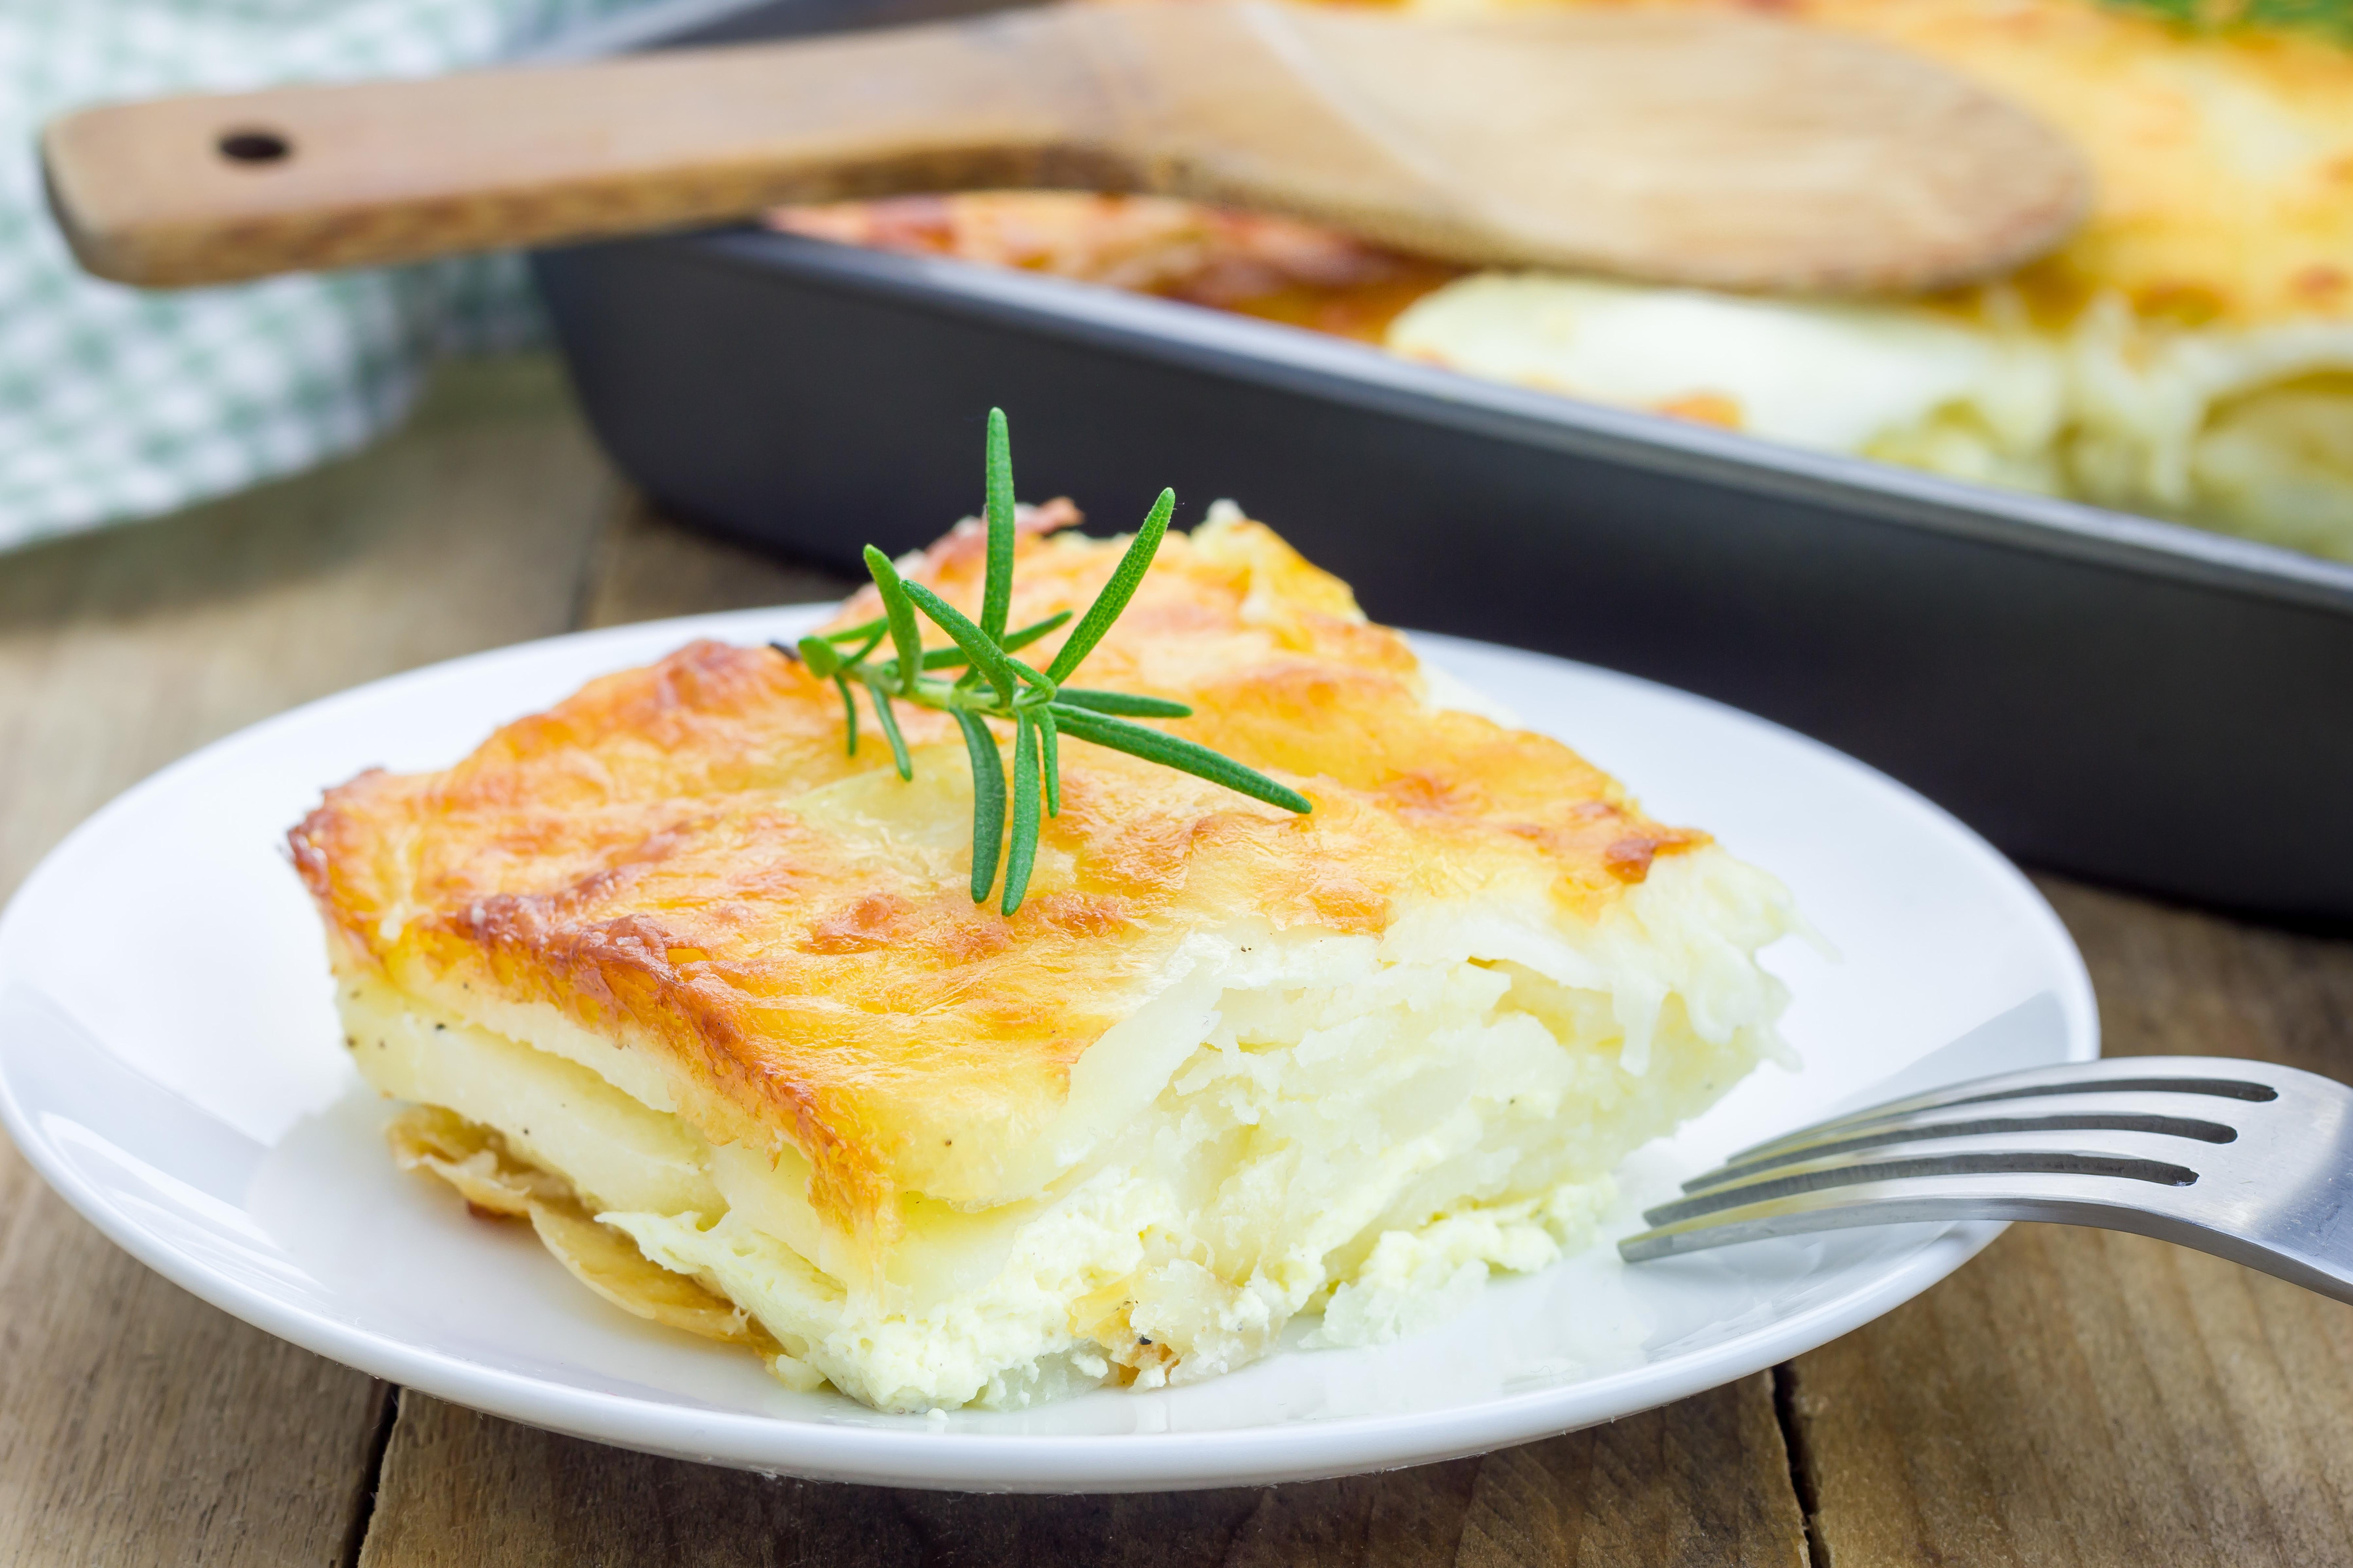 Jaką można zrobić potrawę, gdy mamy do dyspozycji biały ser, ziemniaki i mąkę?